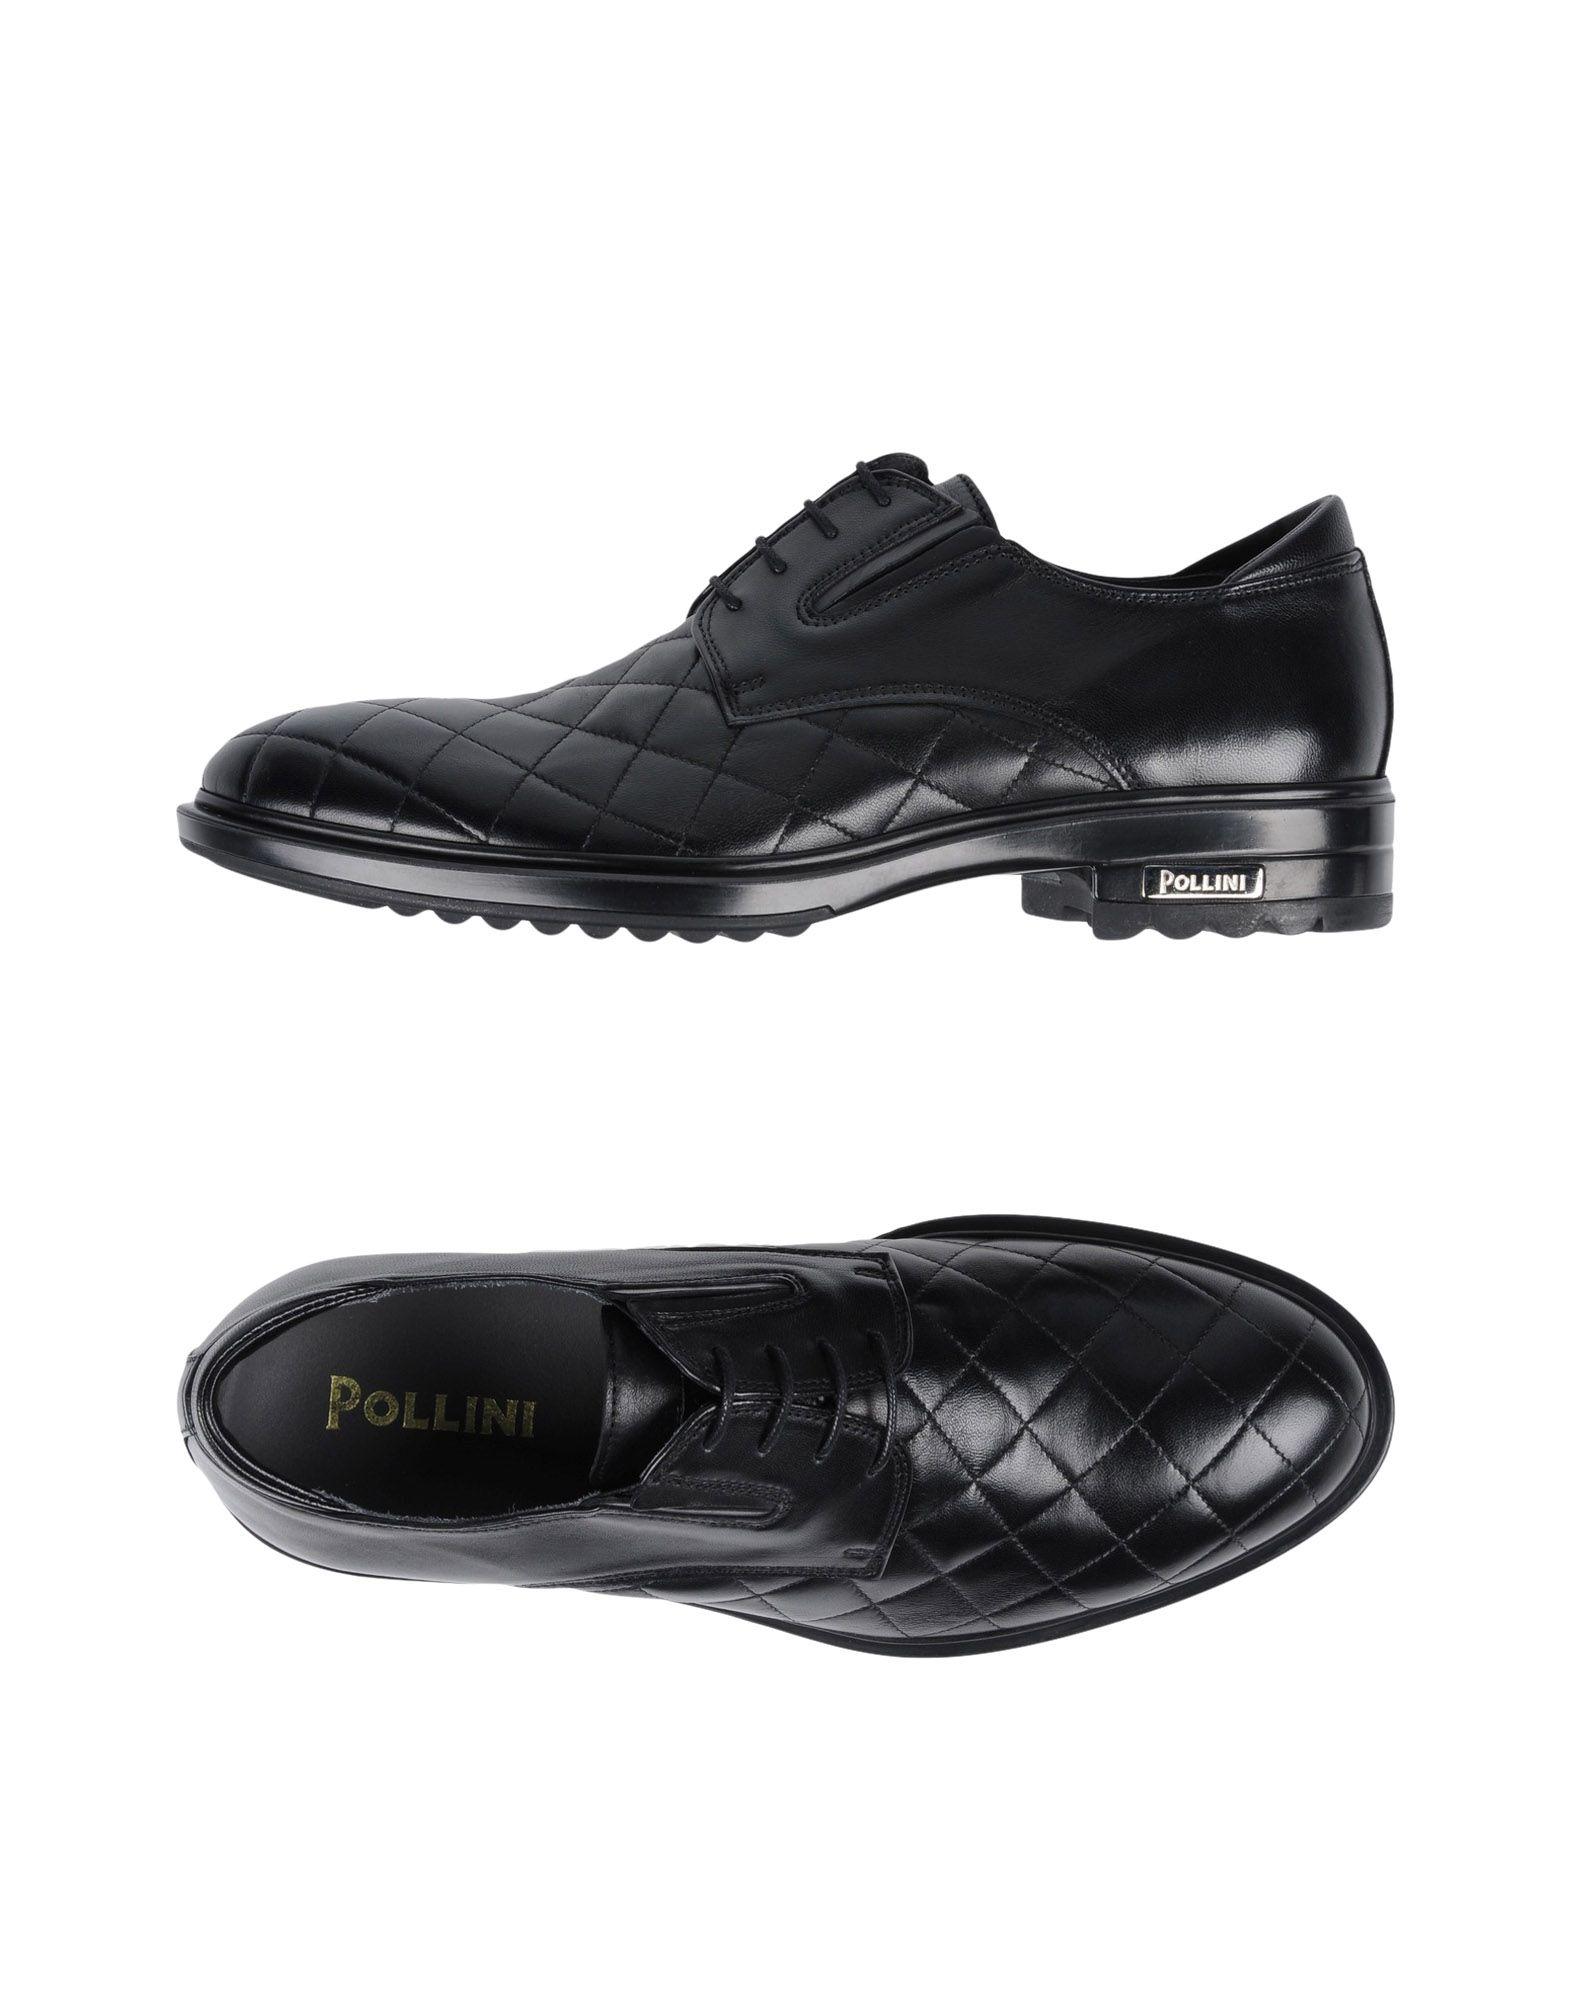 Pollini Schnürschuhe Herren  11447504II Gute Qualität beliebte Schuhe